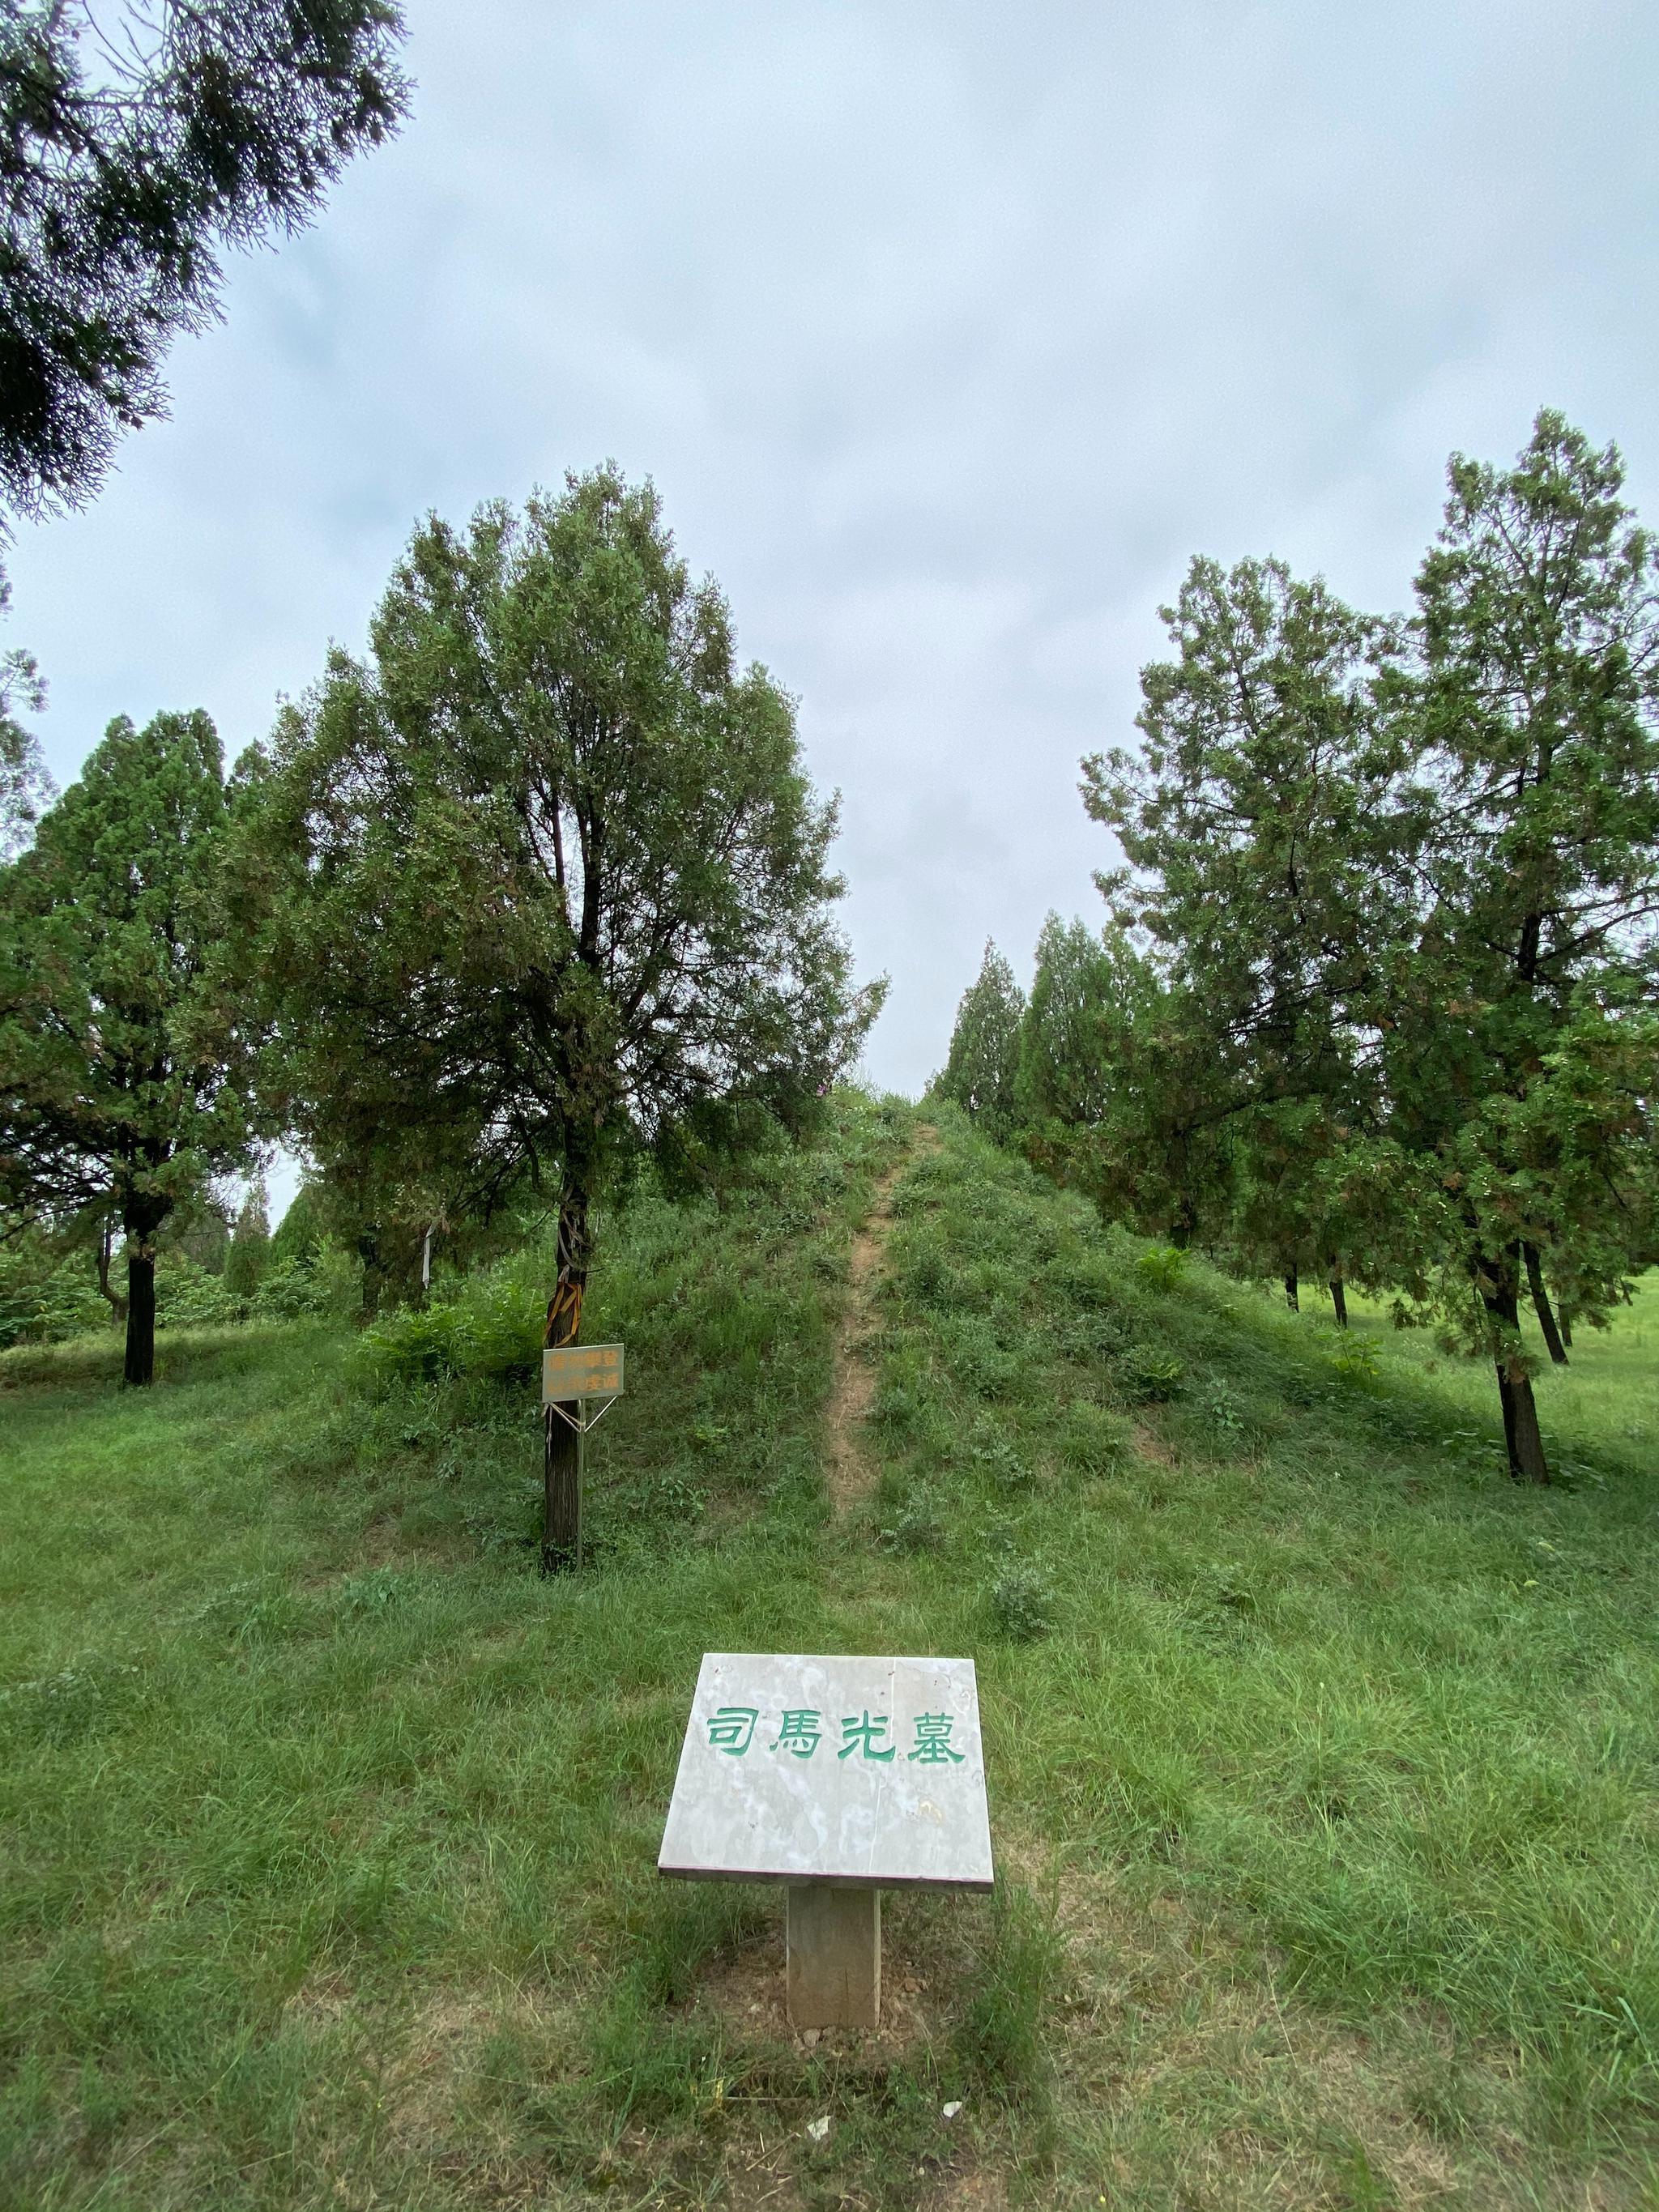 司马光墓和宋代神道石刻,封土很小,很不起眼